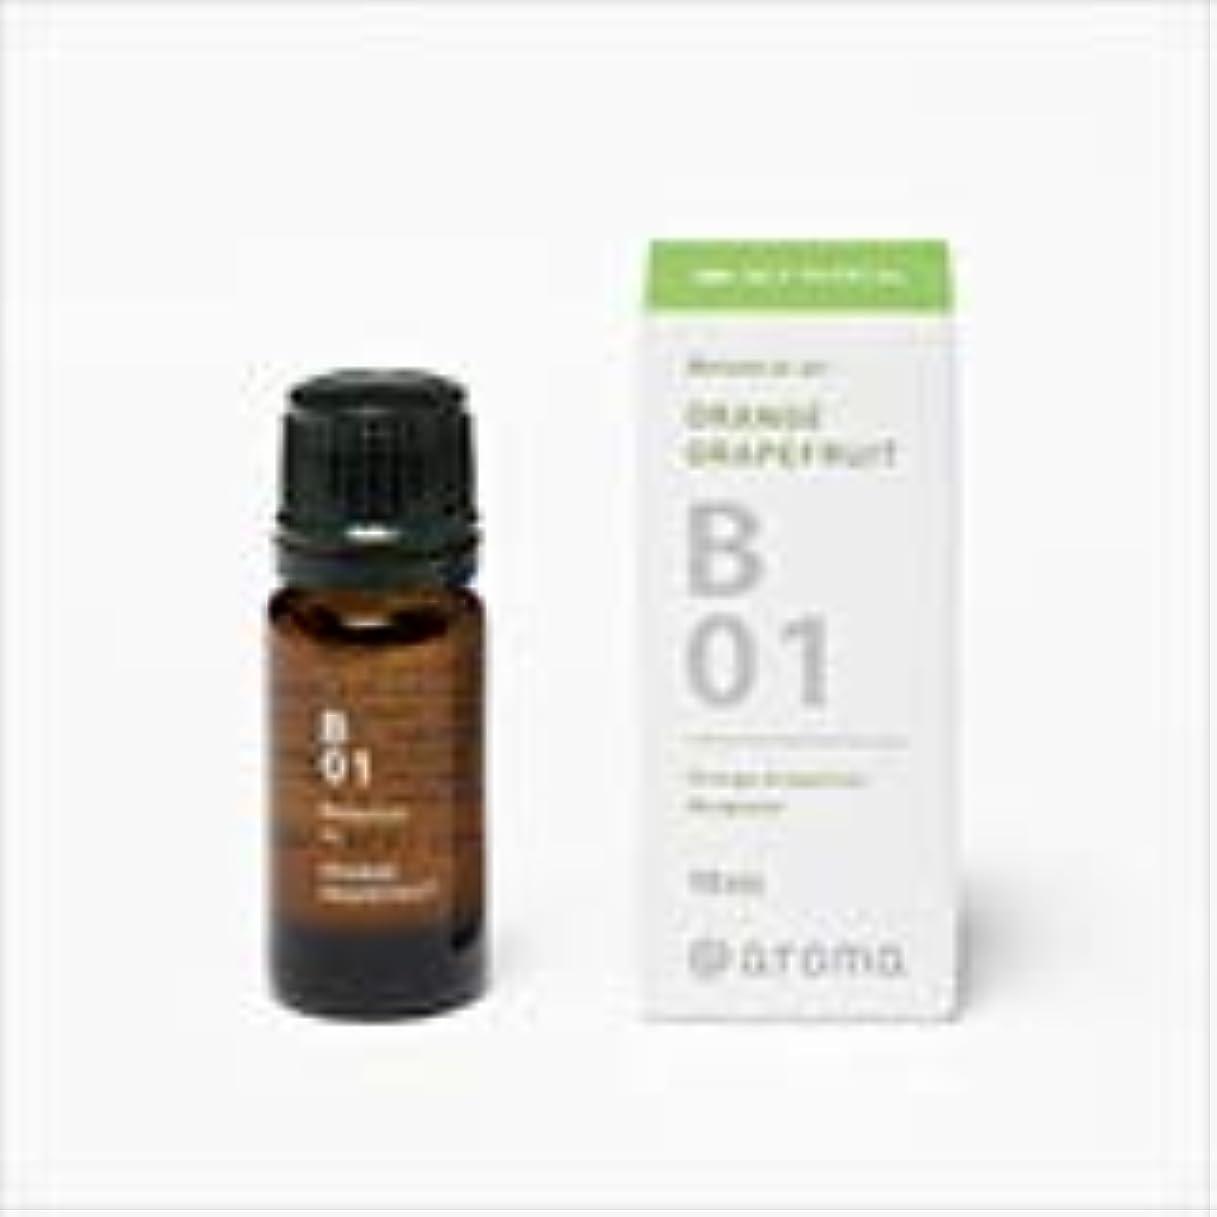 意図する同性愛者アシスタントアットアロマ 100%pure essential oil <Botanical air ジュニパーシダー>